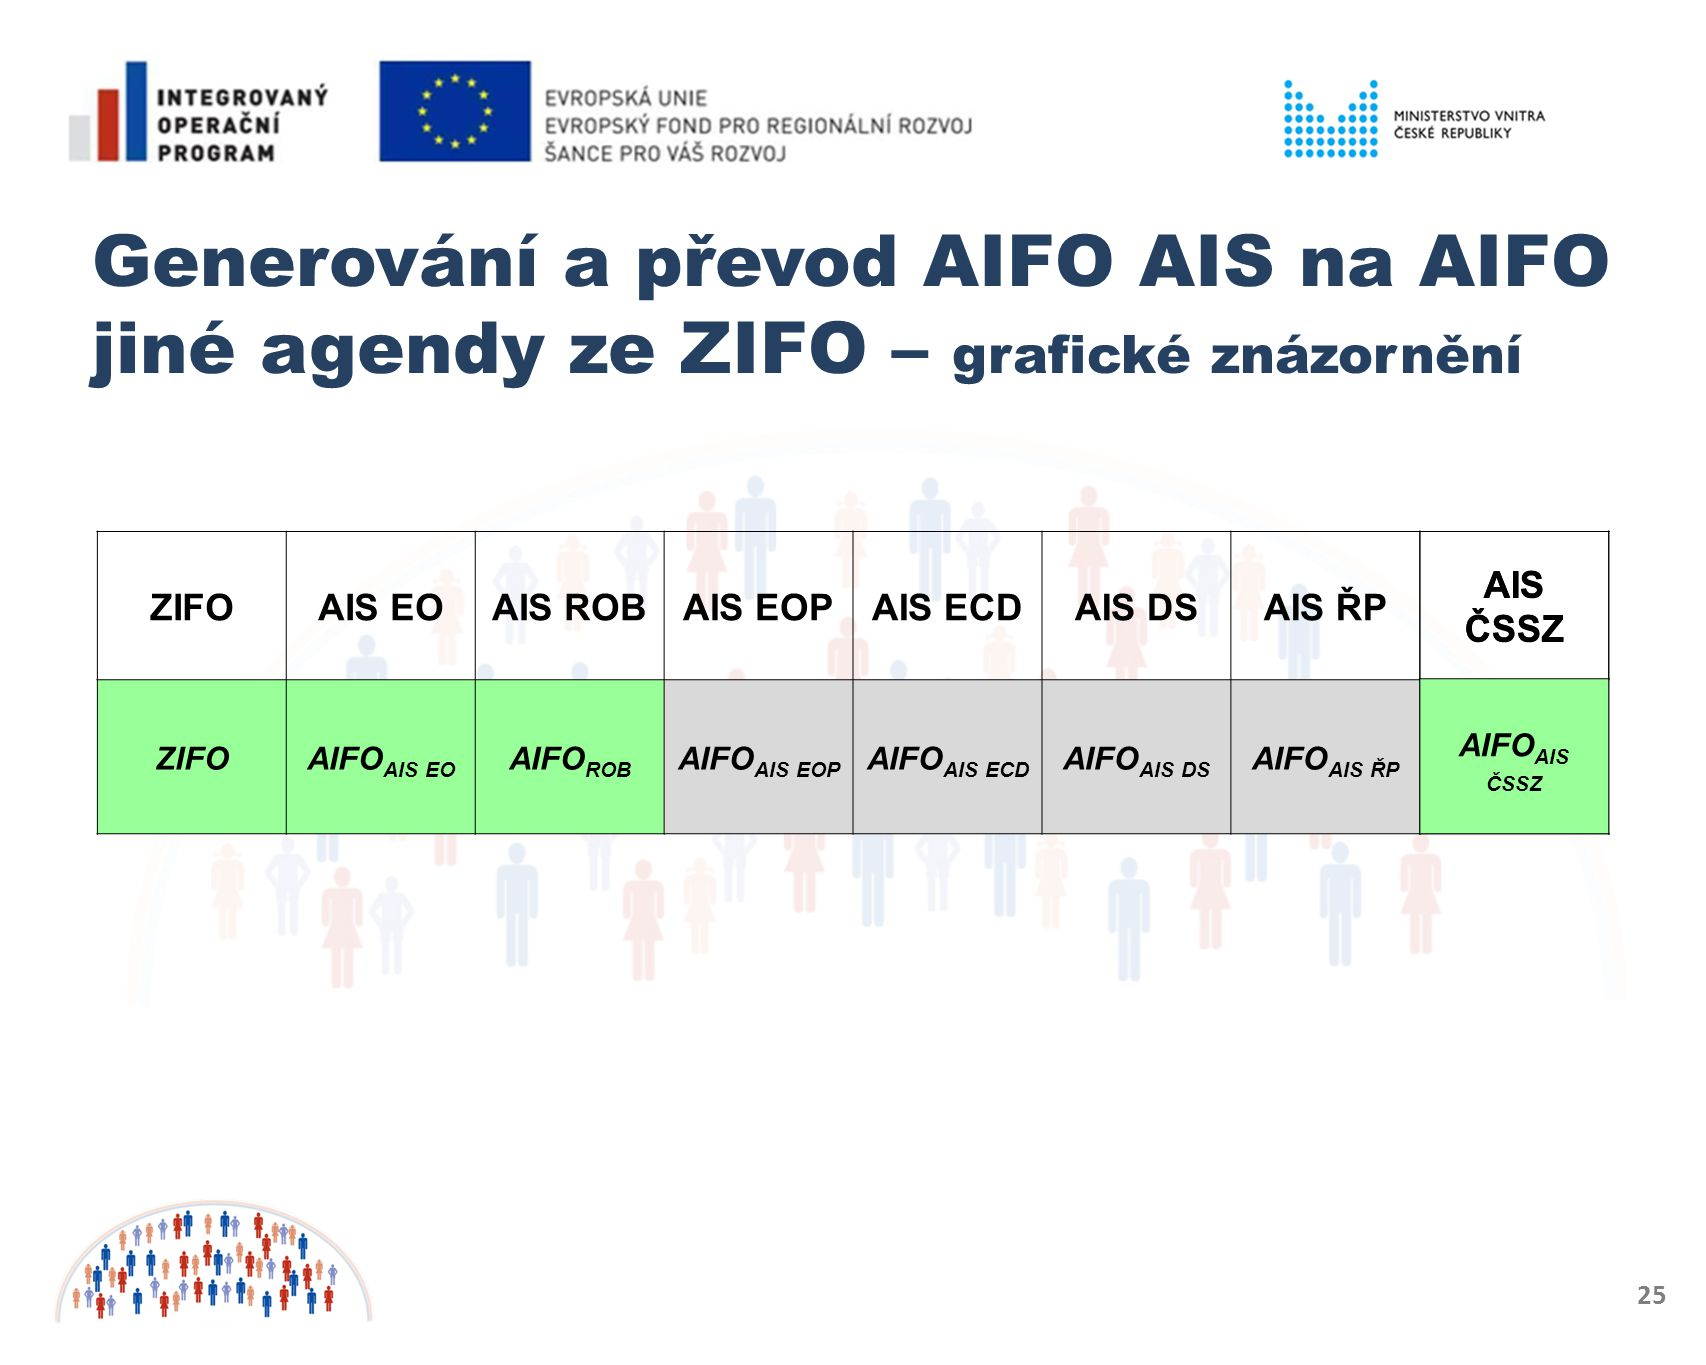 Generování a převod AIFO AIS na AIFO jiné agendy ze ZIFO – grafické znázornění